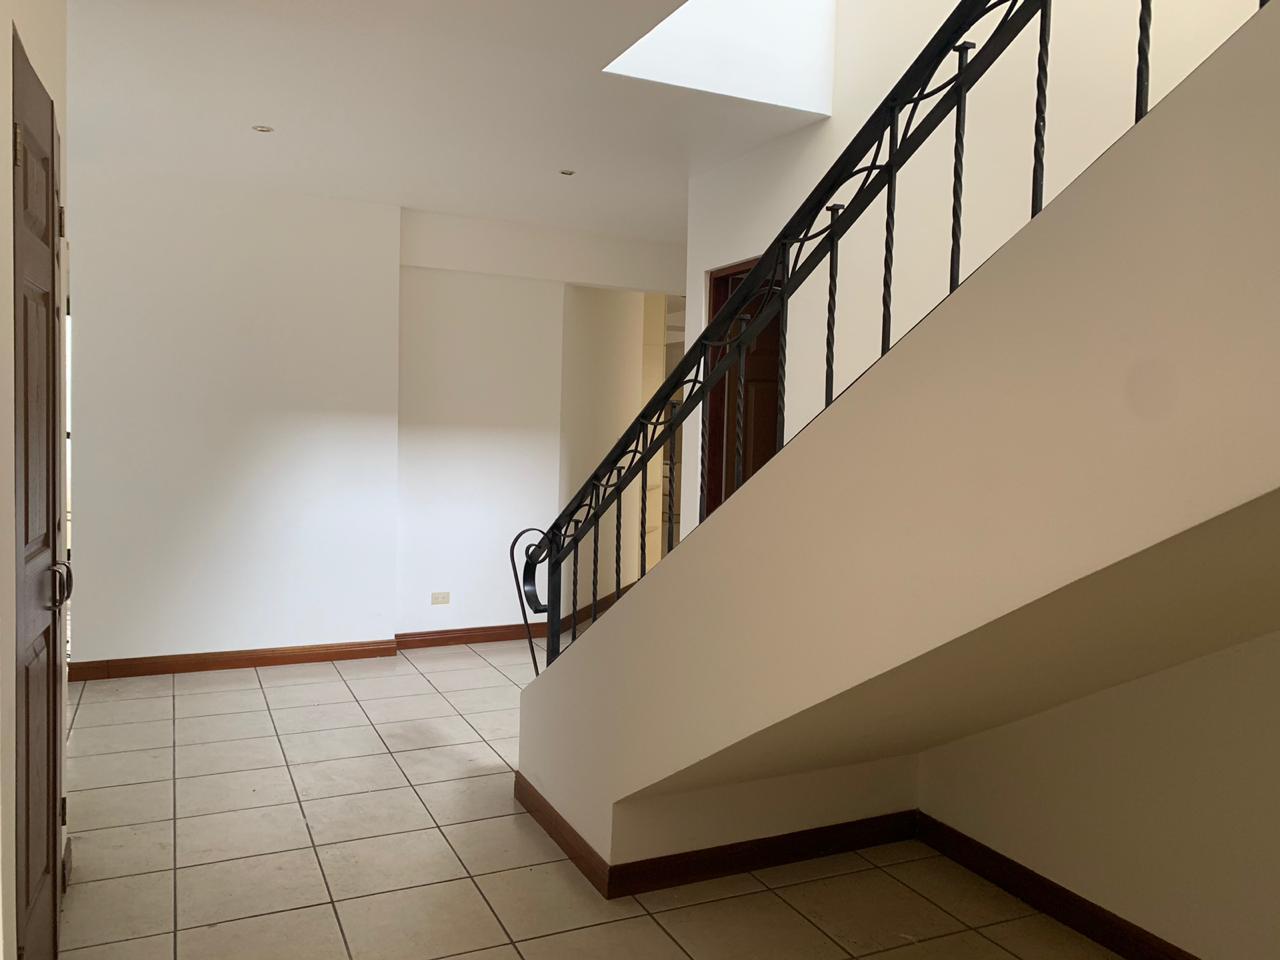 Venta de casa en condominio ubicado en Escazú